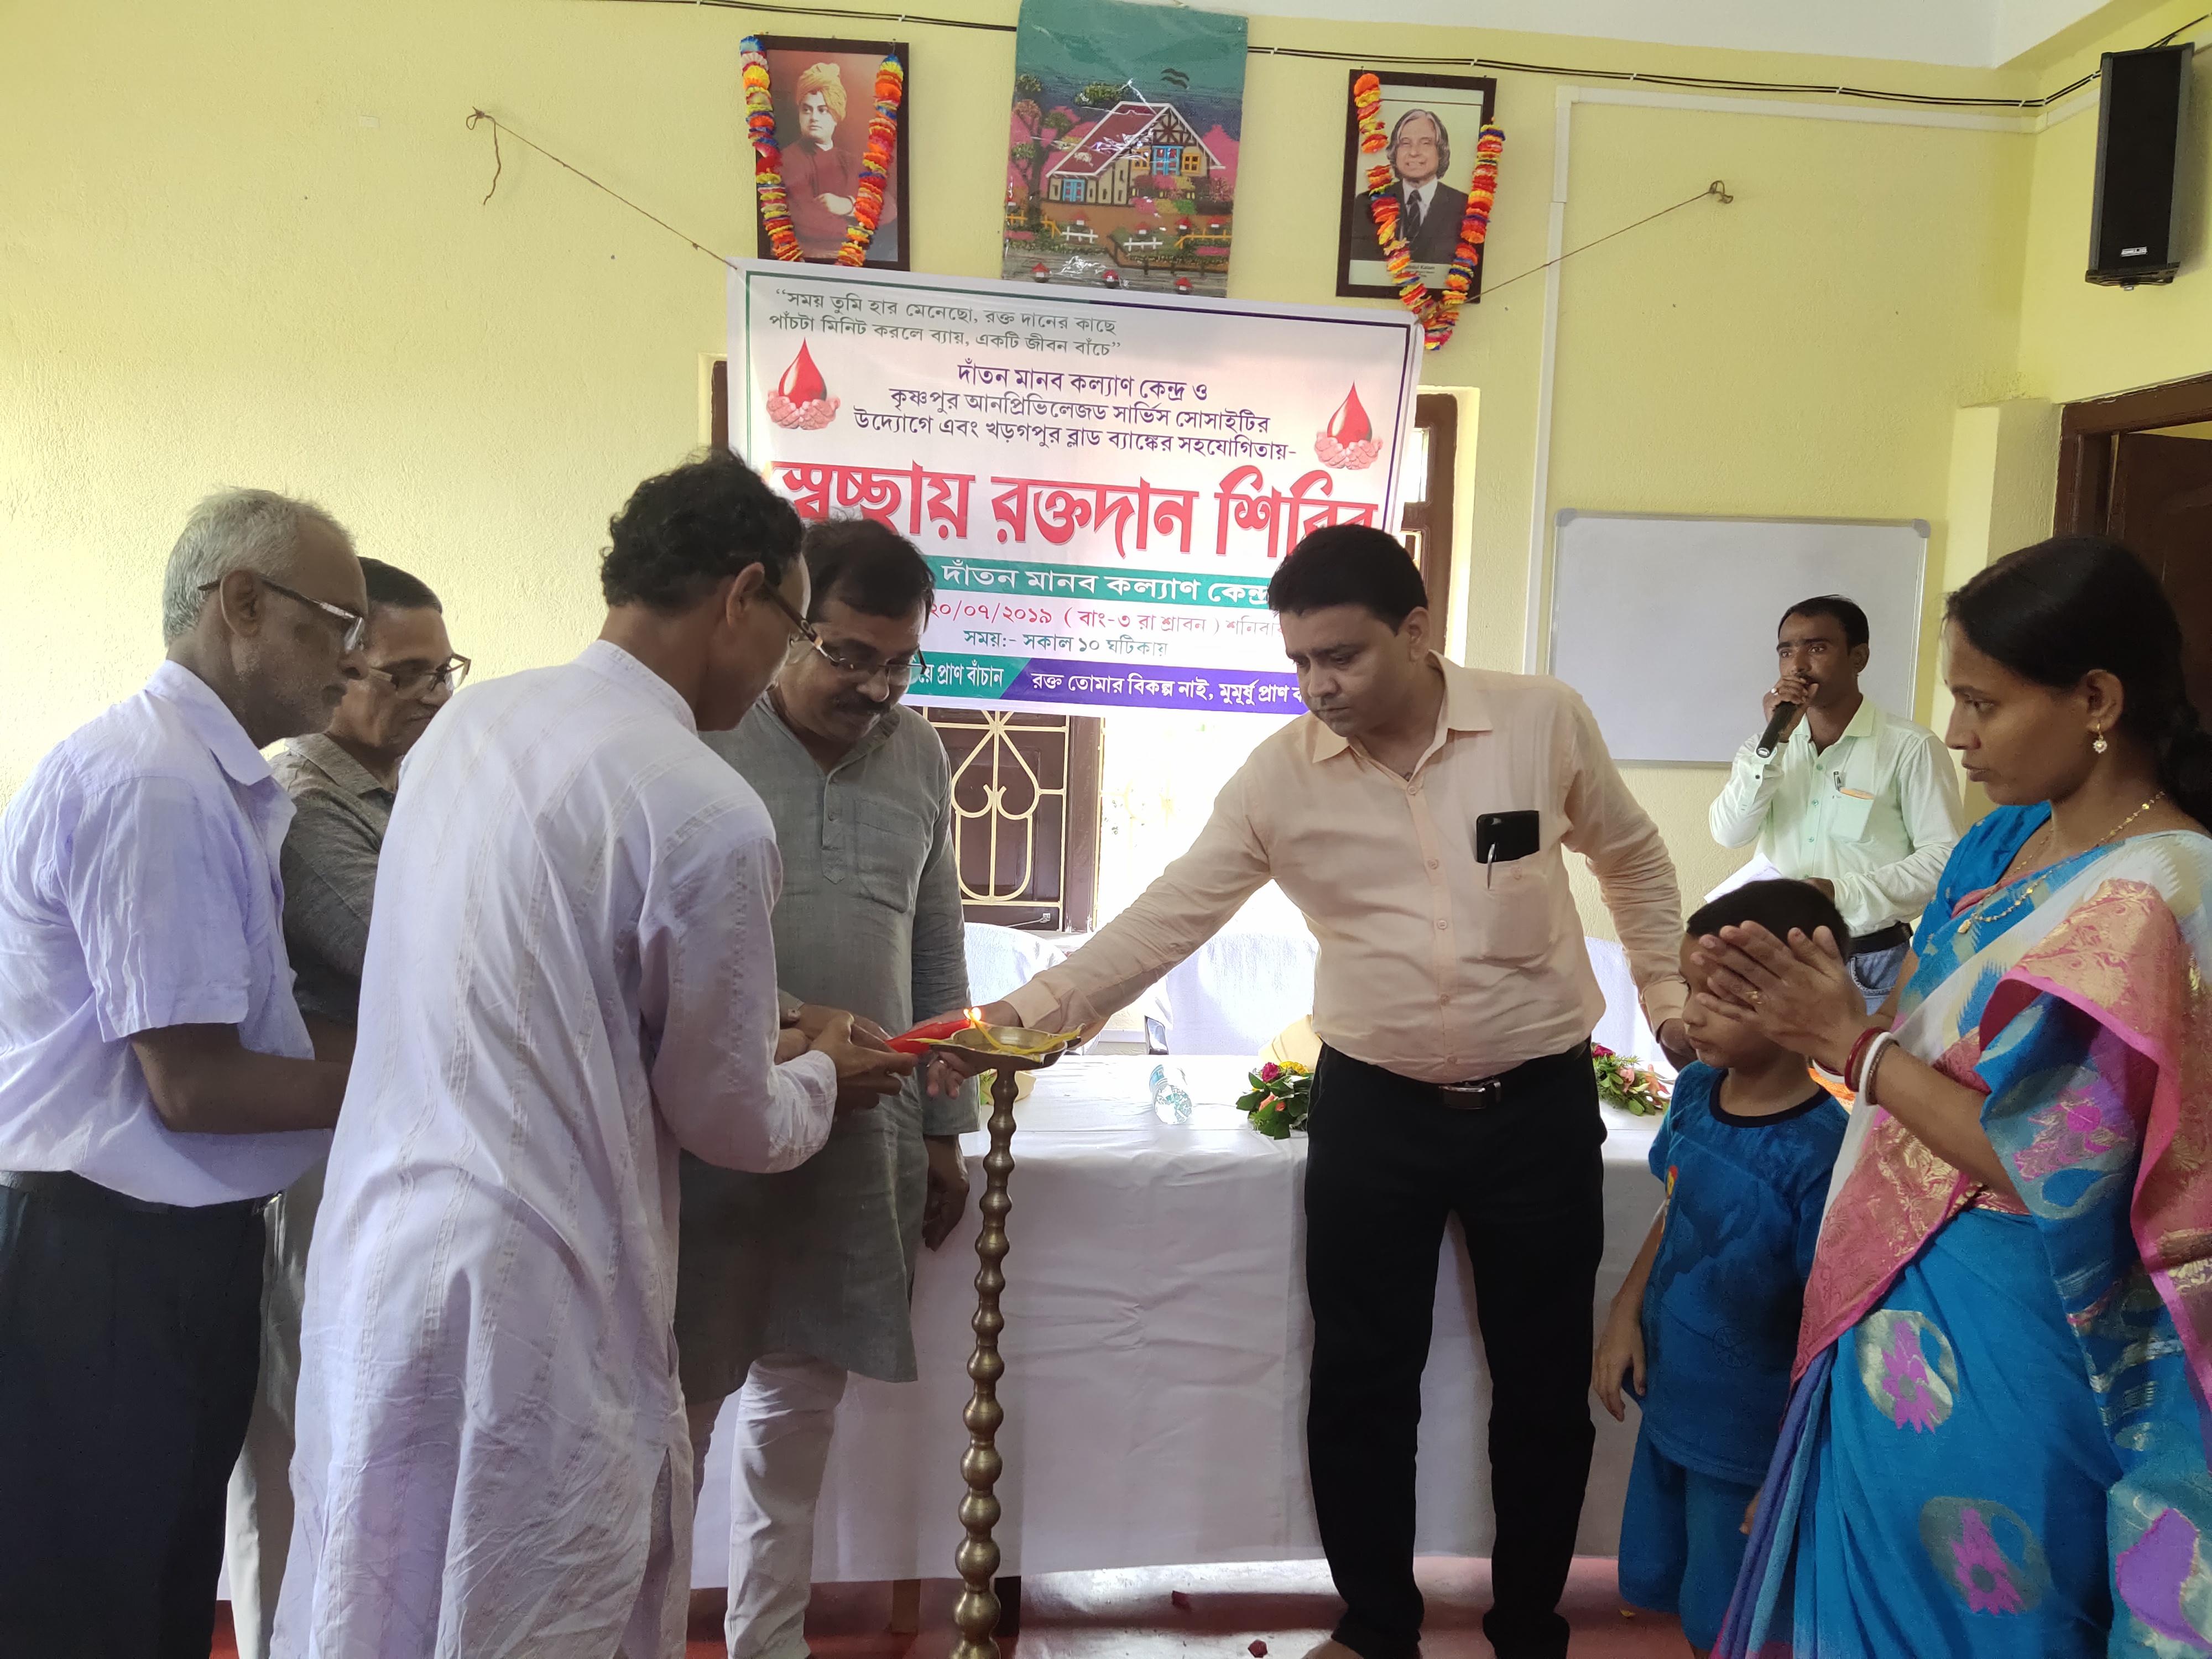 Dantan Manav Kalyan Kendra